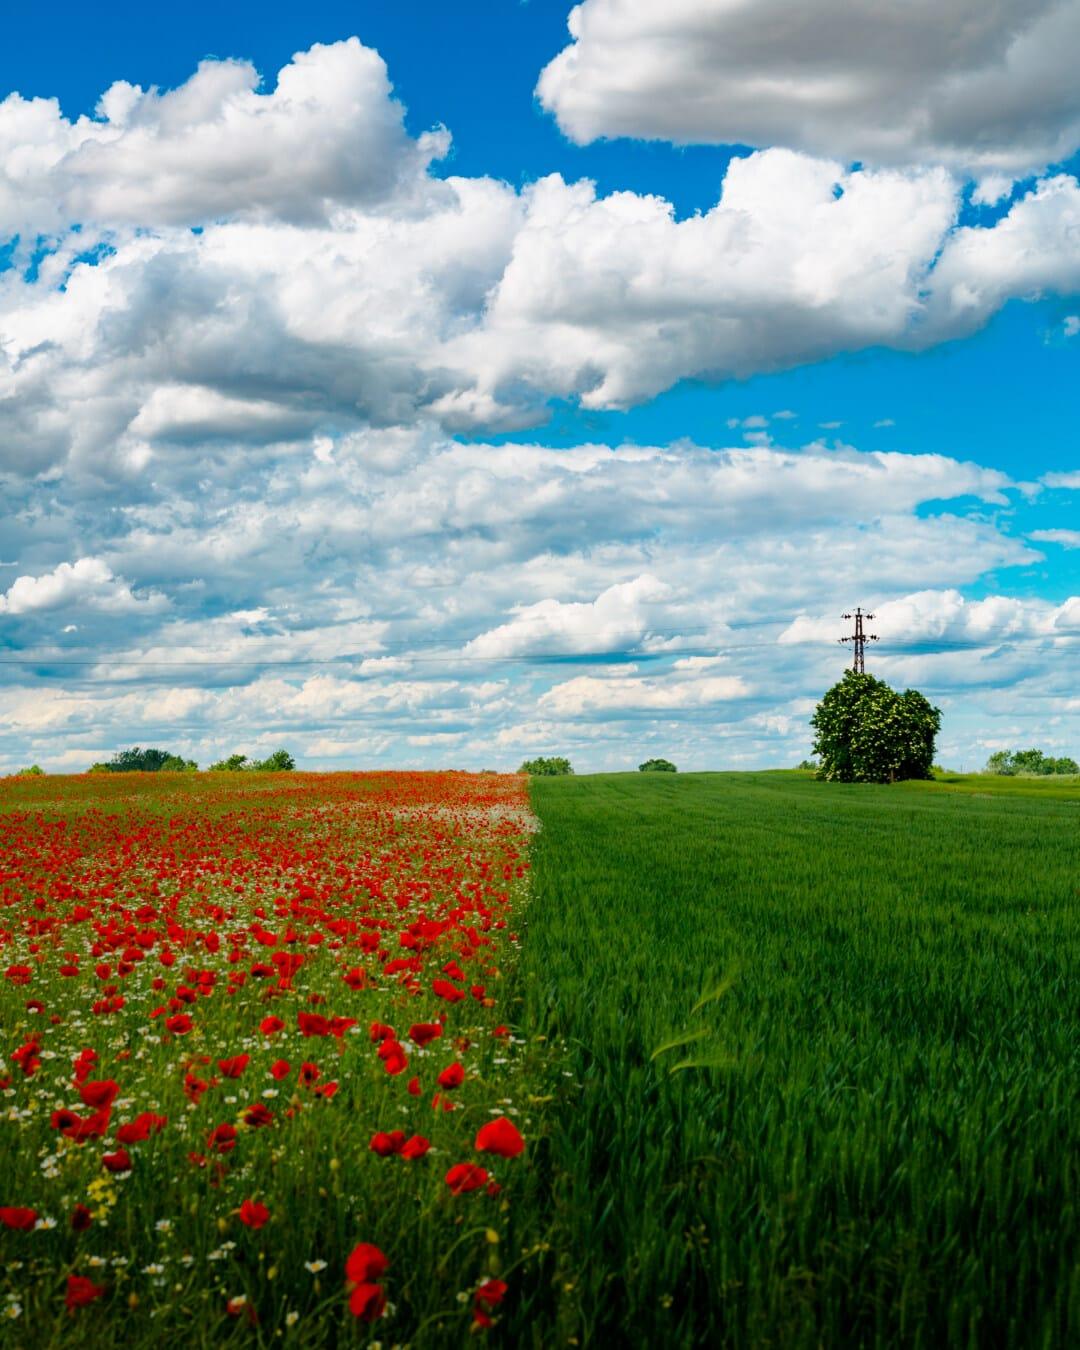 domaine, printemps, seigle, Agriculture, camomille, fleurs sauvages, fleurs, coquelicot, été, rural